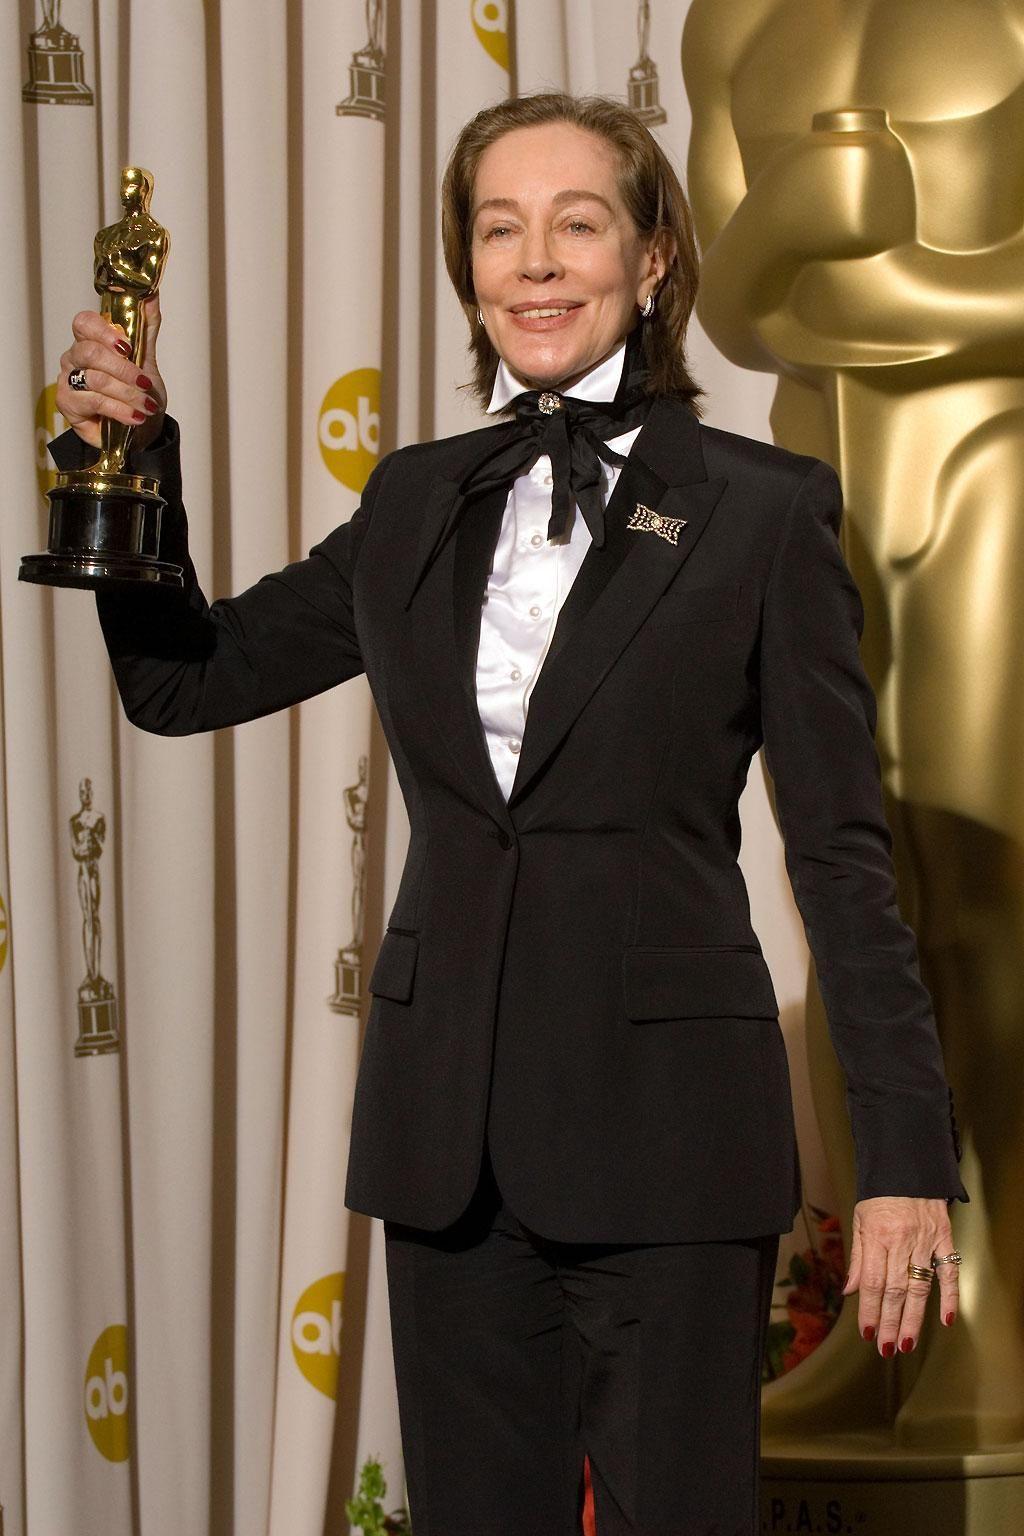 """Milena Canonero lors de la 79e cérémonie des Oscars en 2007 pour """"Marie-Antoinette"""" de Sofia Coppola (2006)."""